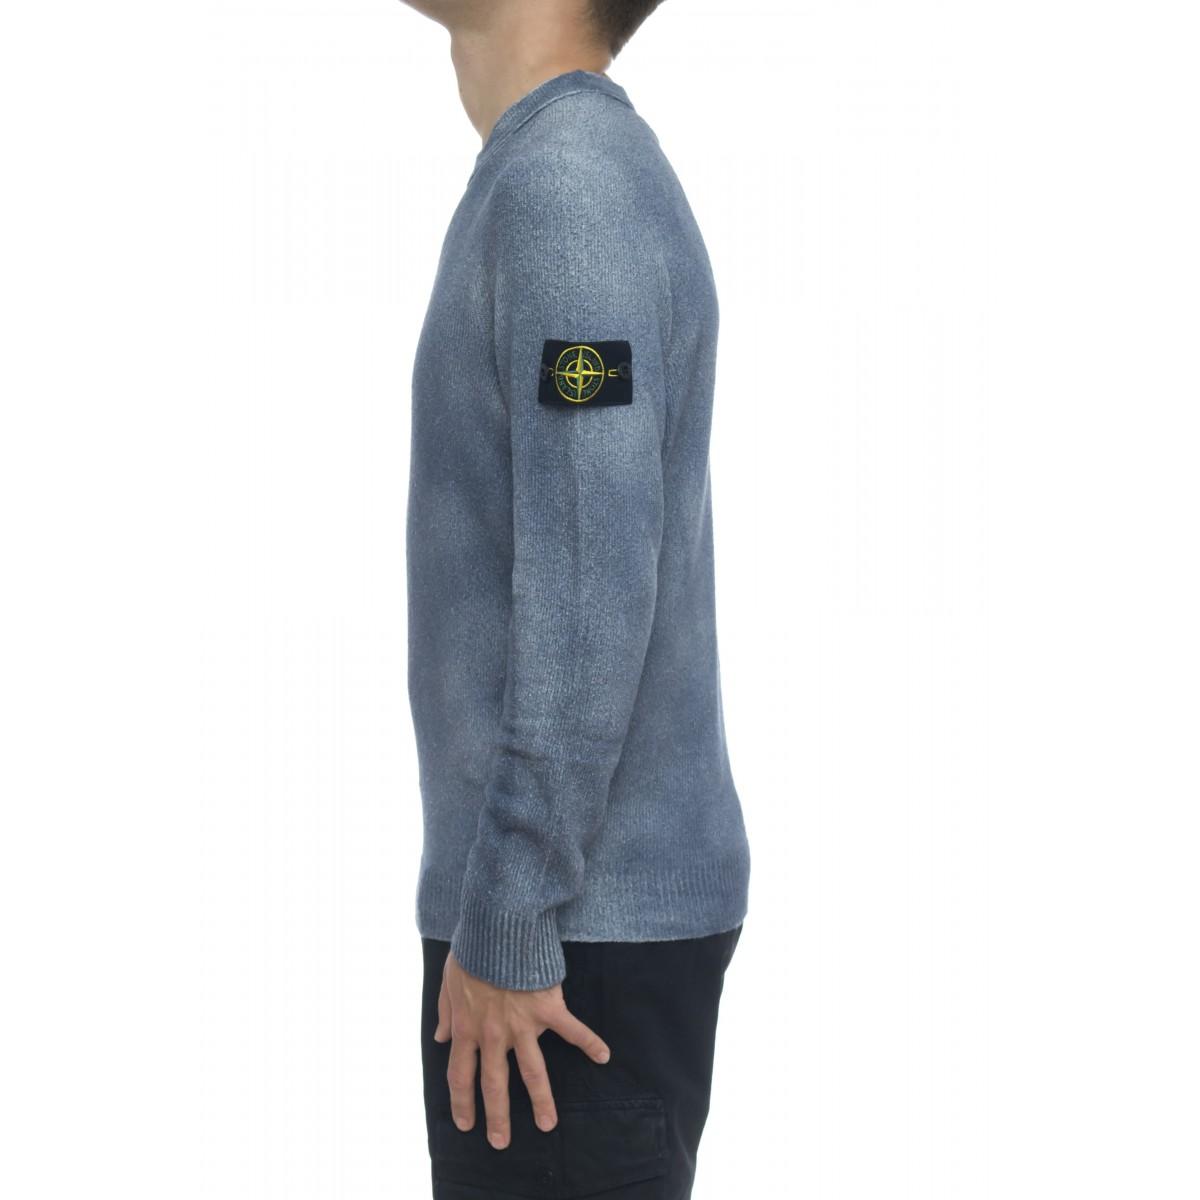 Maglia uomo - 543b7 maglia giro trattamento spruzzatura manuale